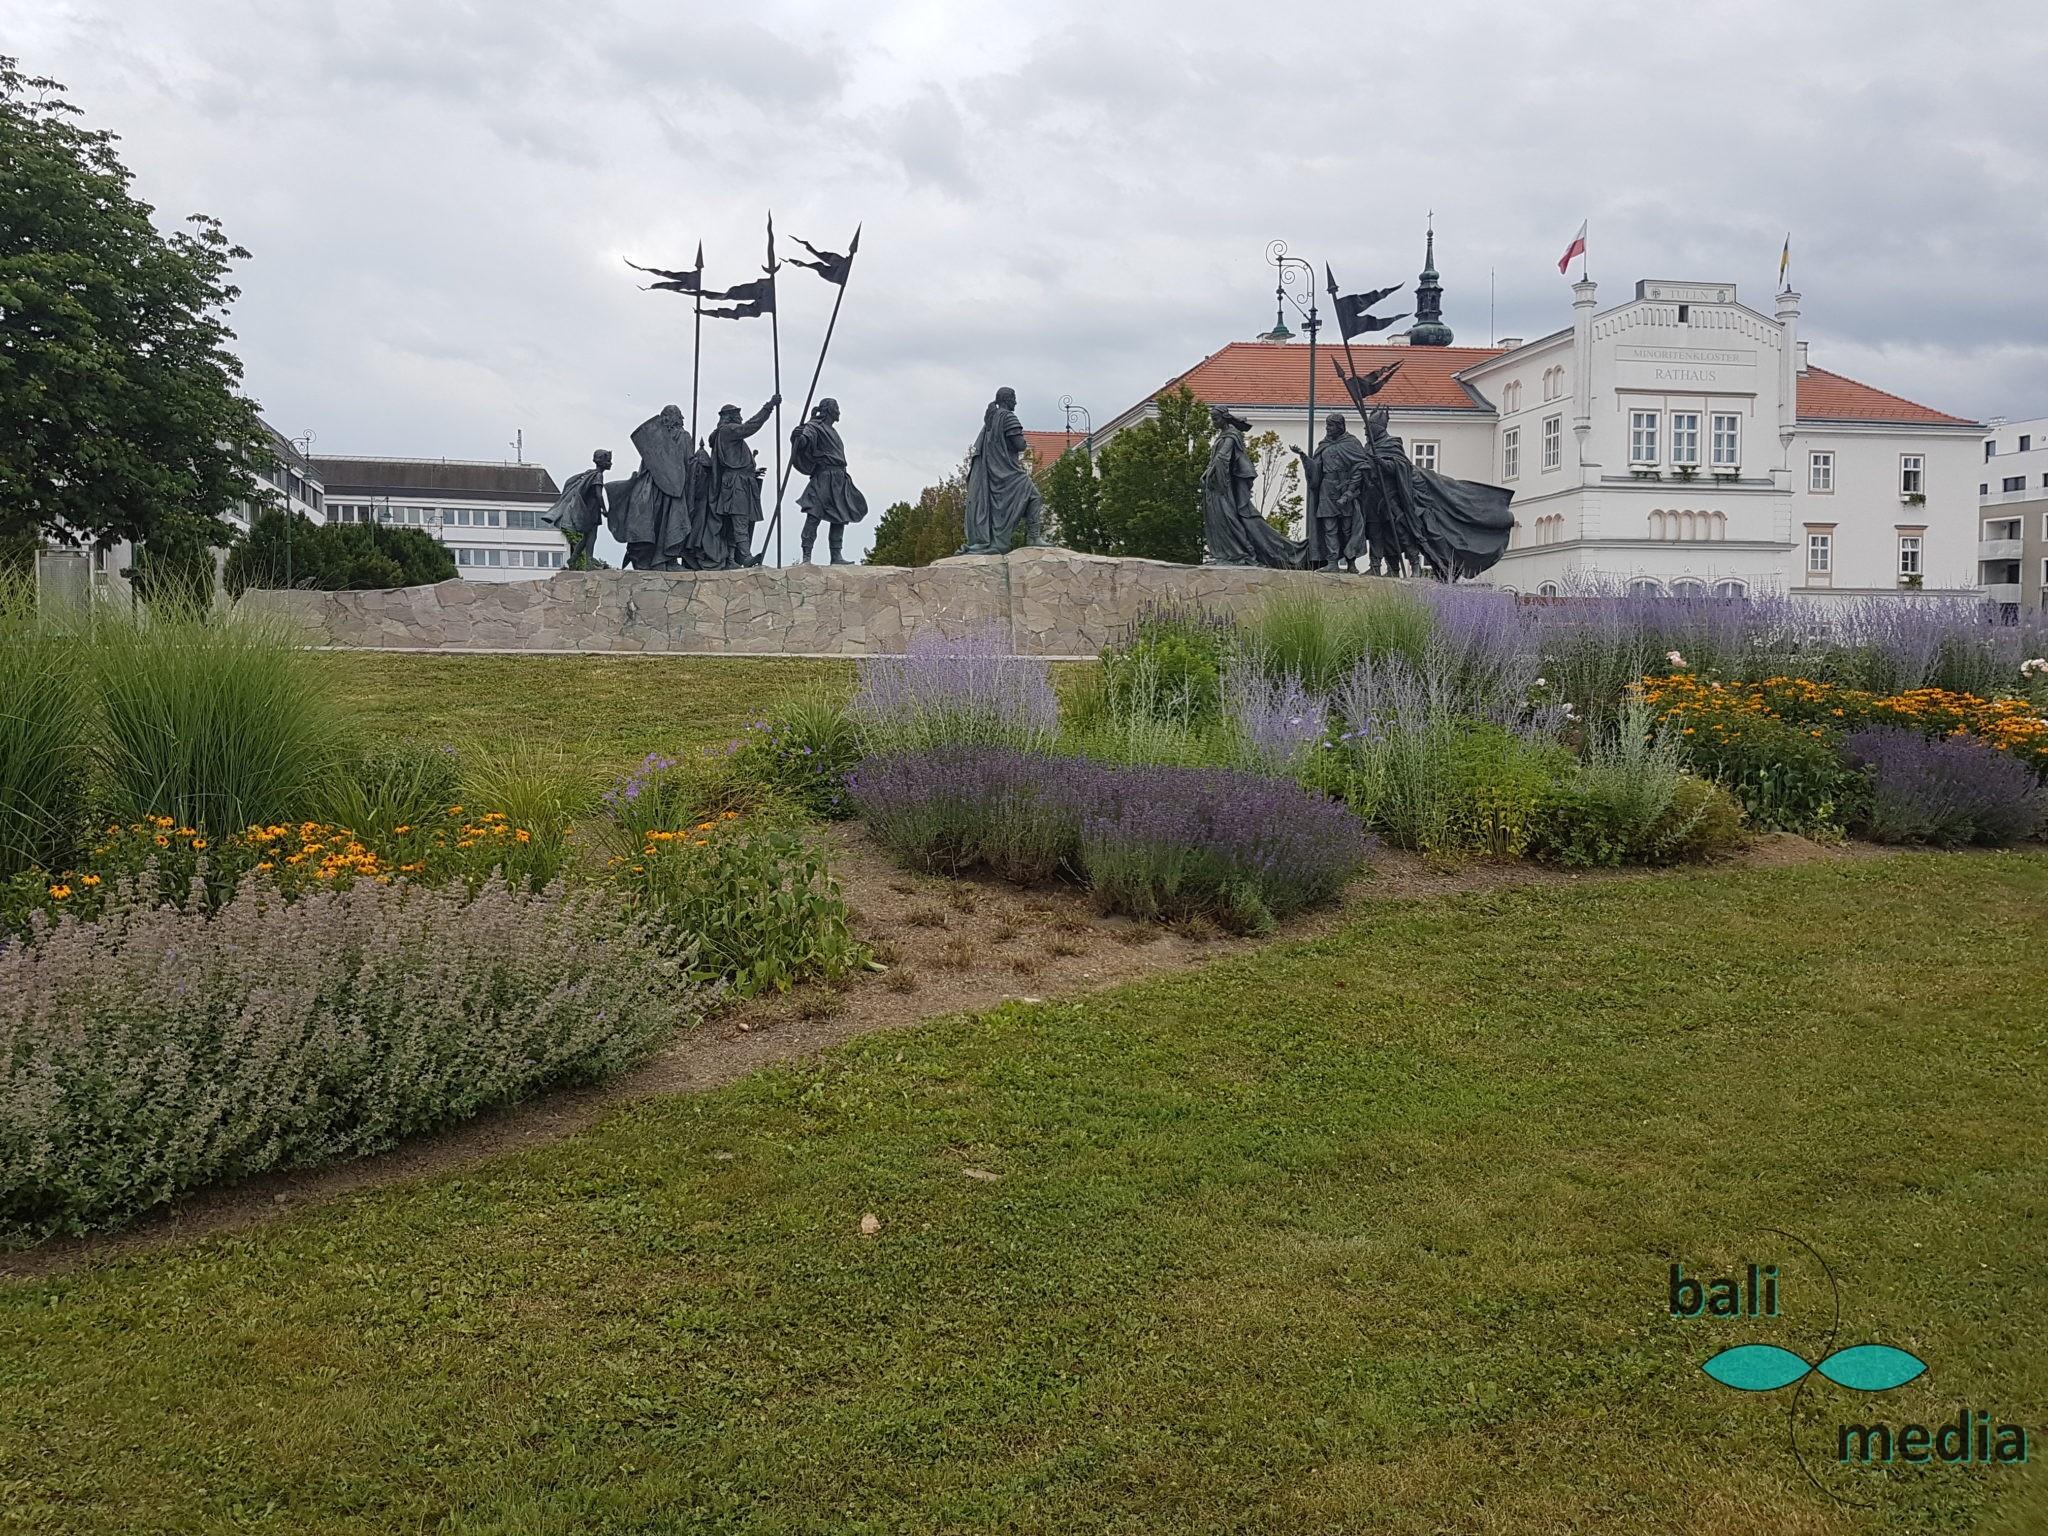 Tulln, die Blumenstadt - BALIMEDIA